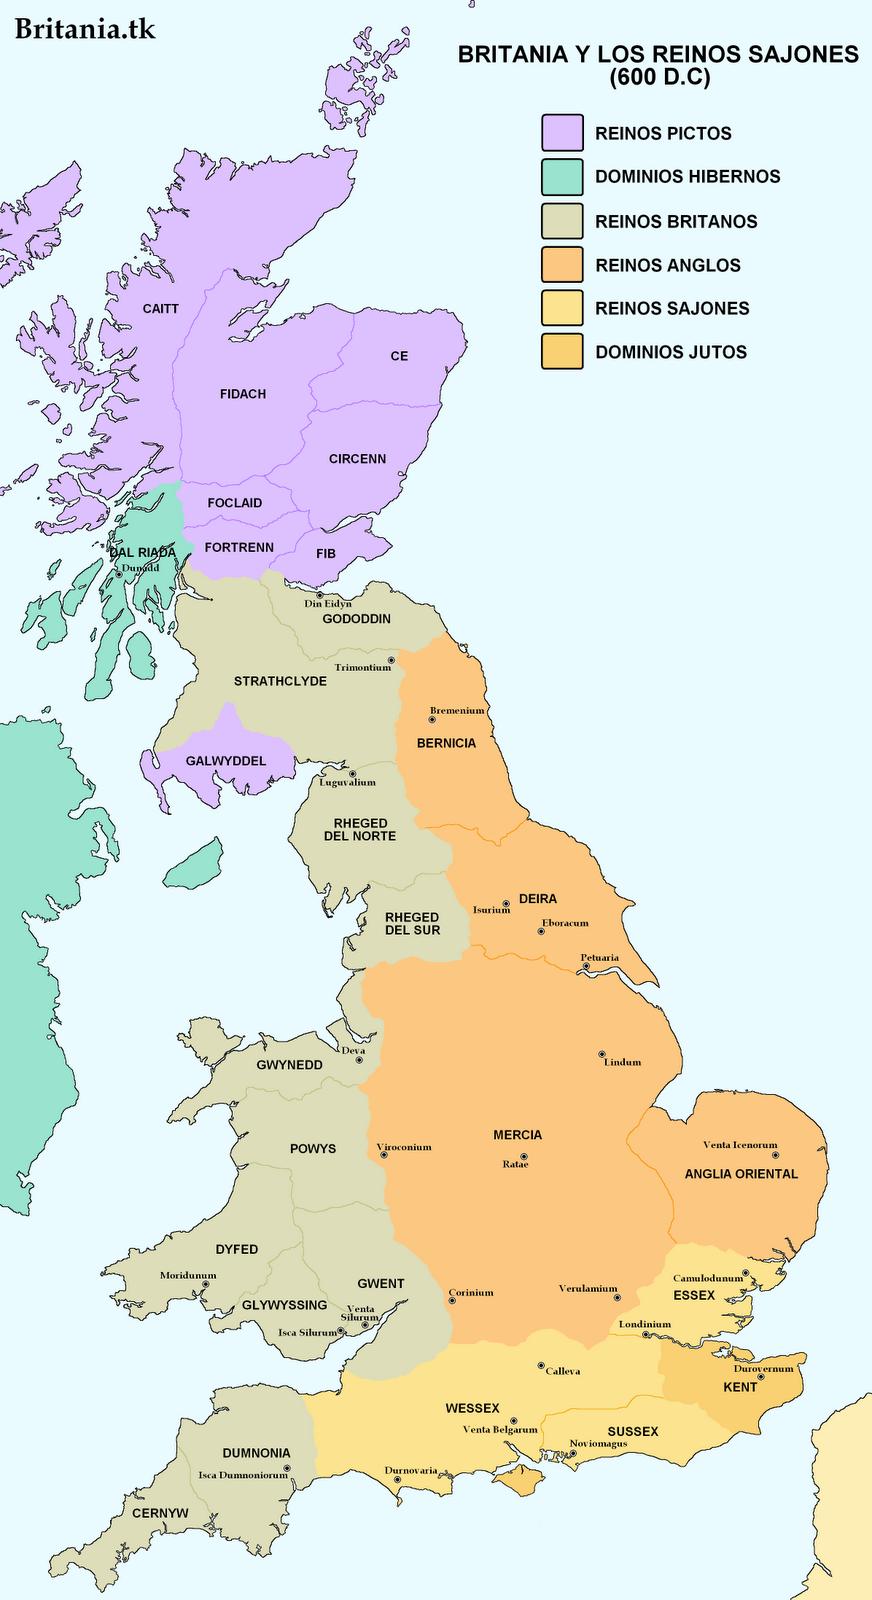 Sitios gay gratis en el Reino Unido